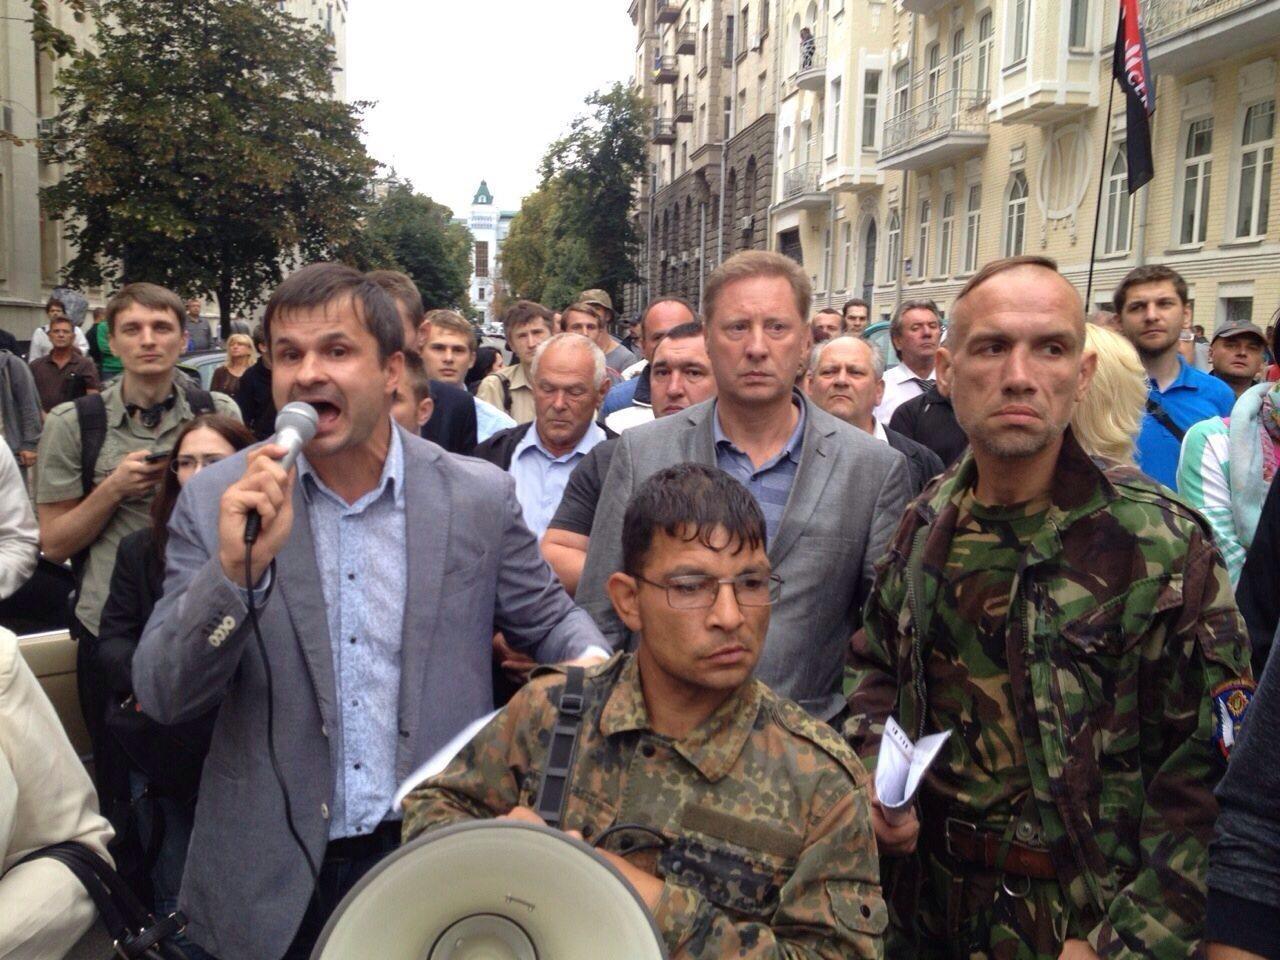 """Луценко рассказал, как не пустить в парламент коммунистов и """"регионалов"""" - Цензор.НЕТ 5913"""